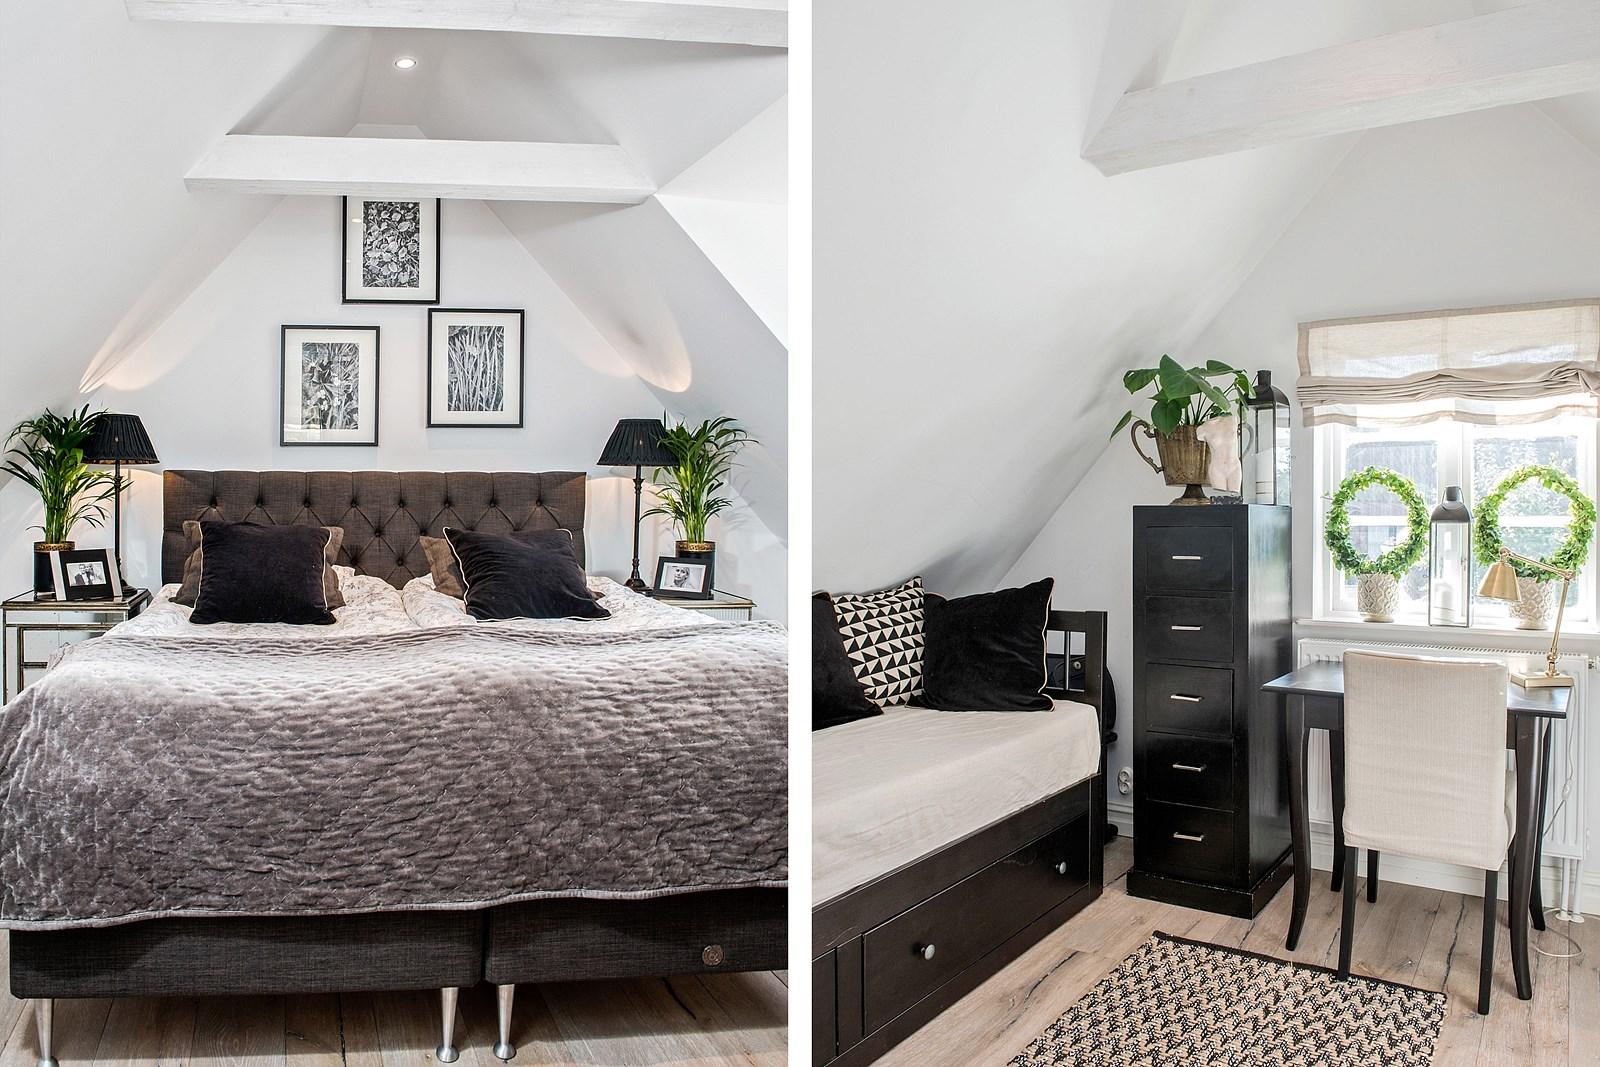 спальня кровать изголовье текстиль подушки прикроватные тумбы лампы мансарда кабинет